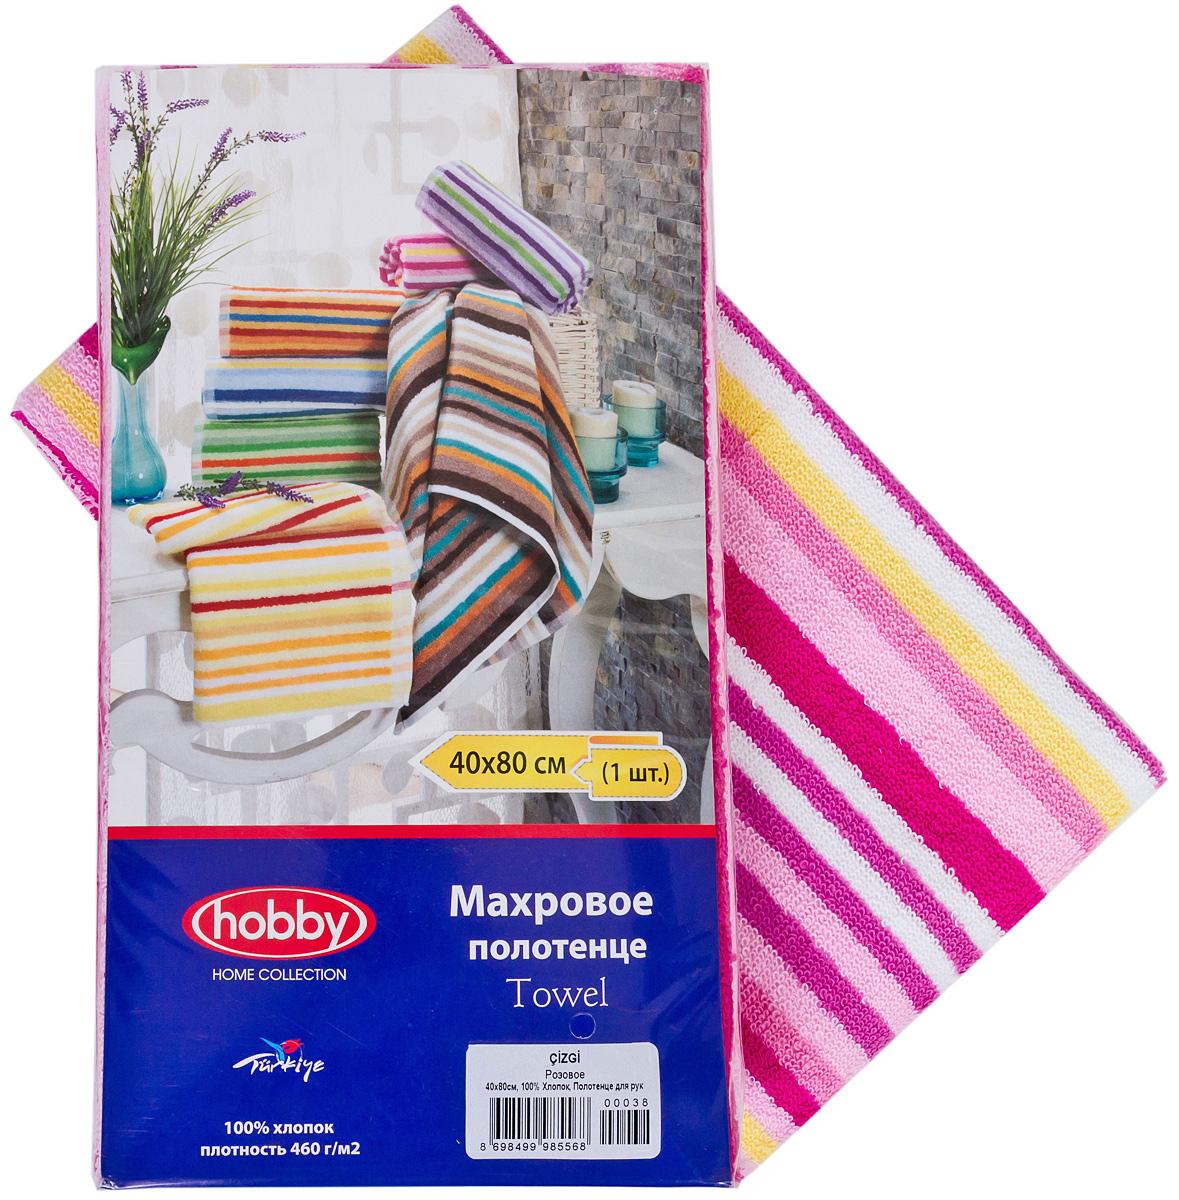 Полотенце Hobby Home Collection Cizgi, цвет: белый, розовый, желтый, 40 х 80 см68/5/4Полотенце Hobby Home Collection Cizgi выполнено из 100% хлопка. Изделие отлично впитывает влагу, быстро сохнет, сохраняет яркость цвета и не теряет форму даже после многократных стирок. Такое полотенце очень практично и неприхотливо в уходе. А простой, но стильный дизайн полотенца позволит ему вписаться даже в классический интерьер ванной комнаты.